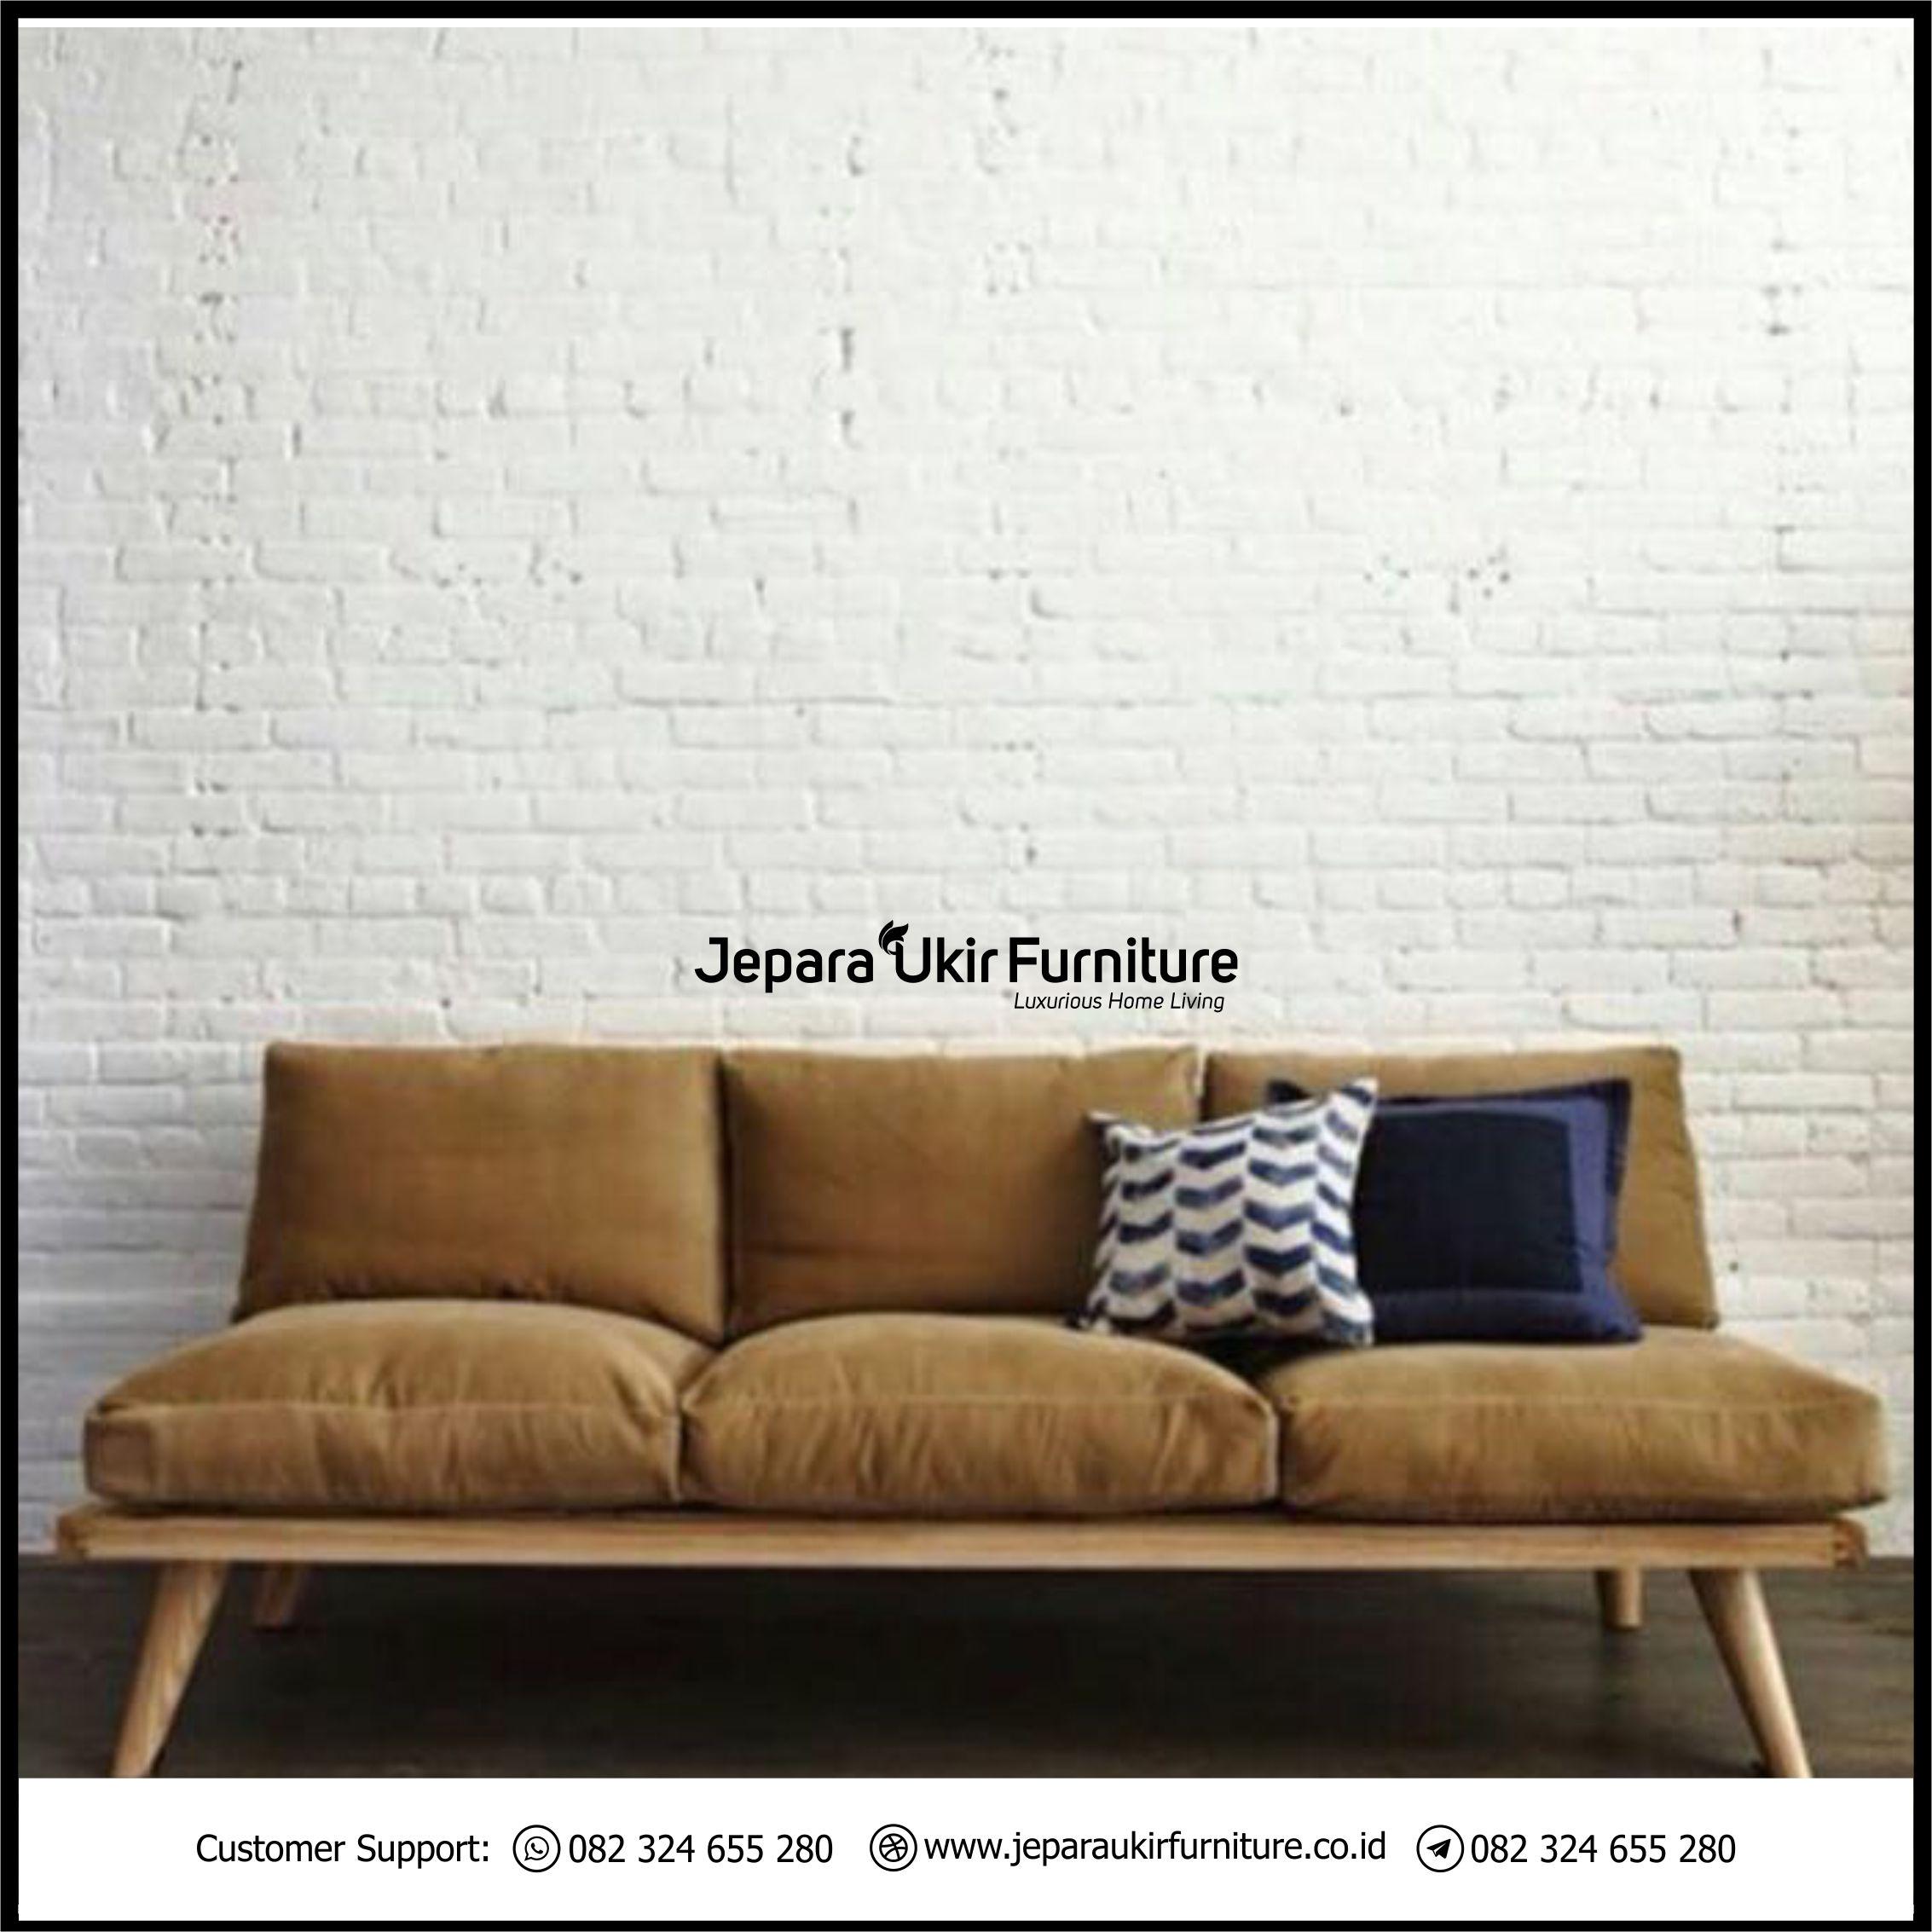 Sofa retro 3sofa retro, sofa kekinian, sofa scandinavian, sofa retro murah, sofa terbaru, kursi retro, sofa bangku retro, sofa bangku, sofa 3 dudukan, sofa 3 seater, sofa chester, sofa chesterfield, sofa santai,